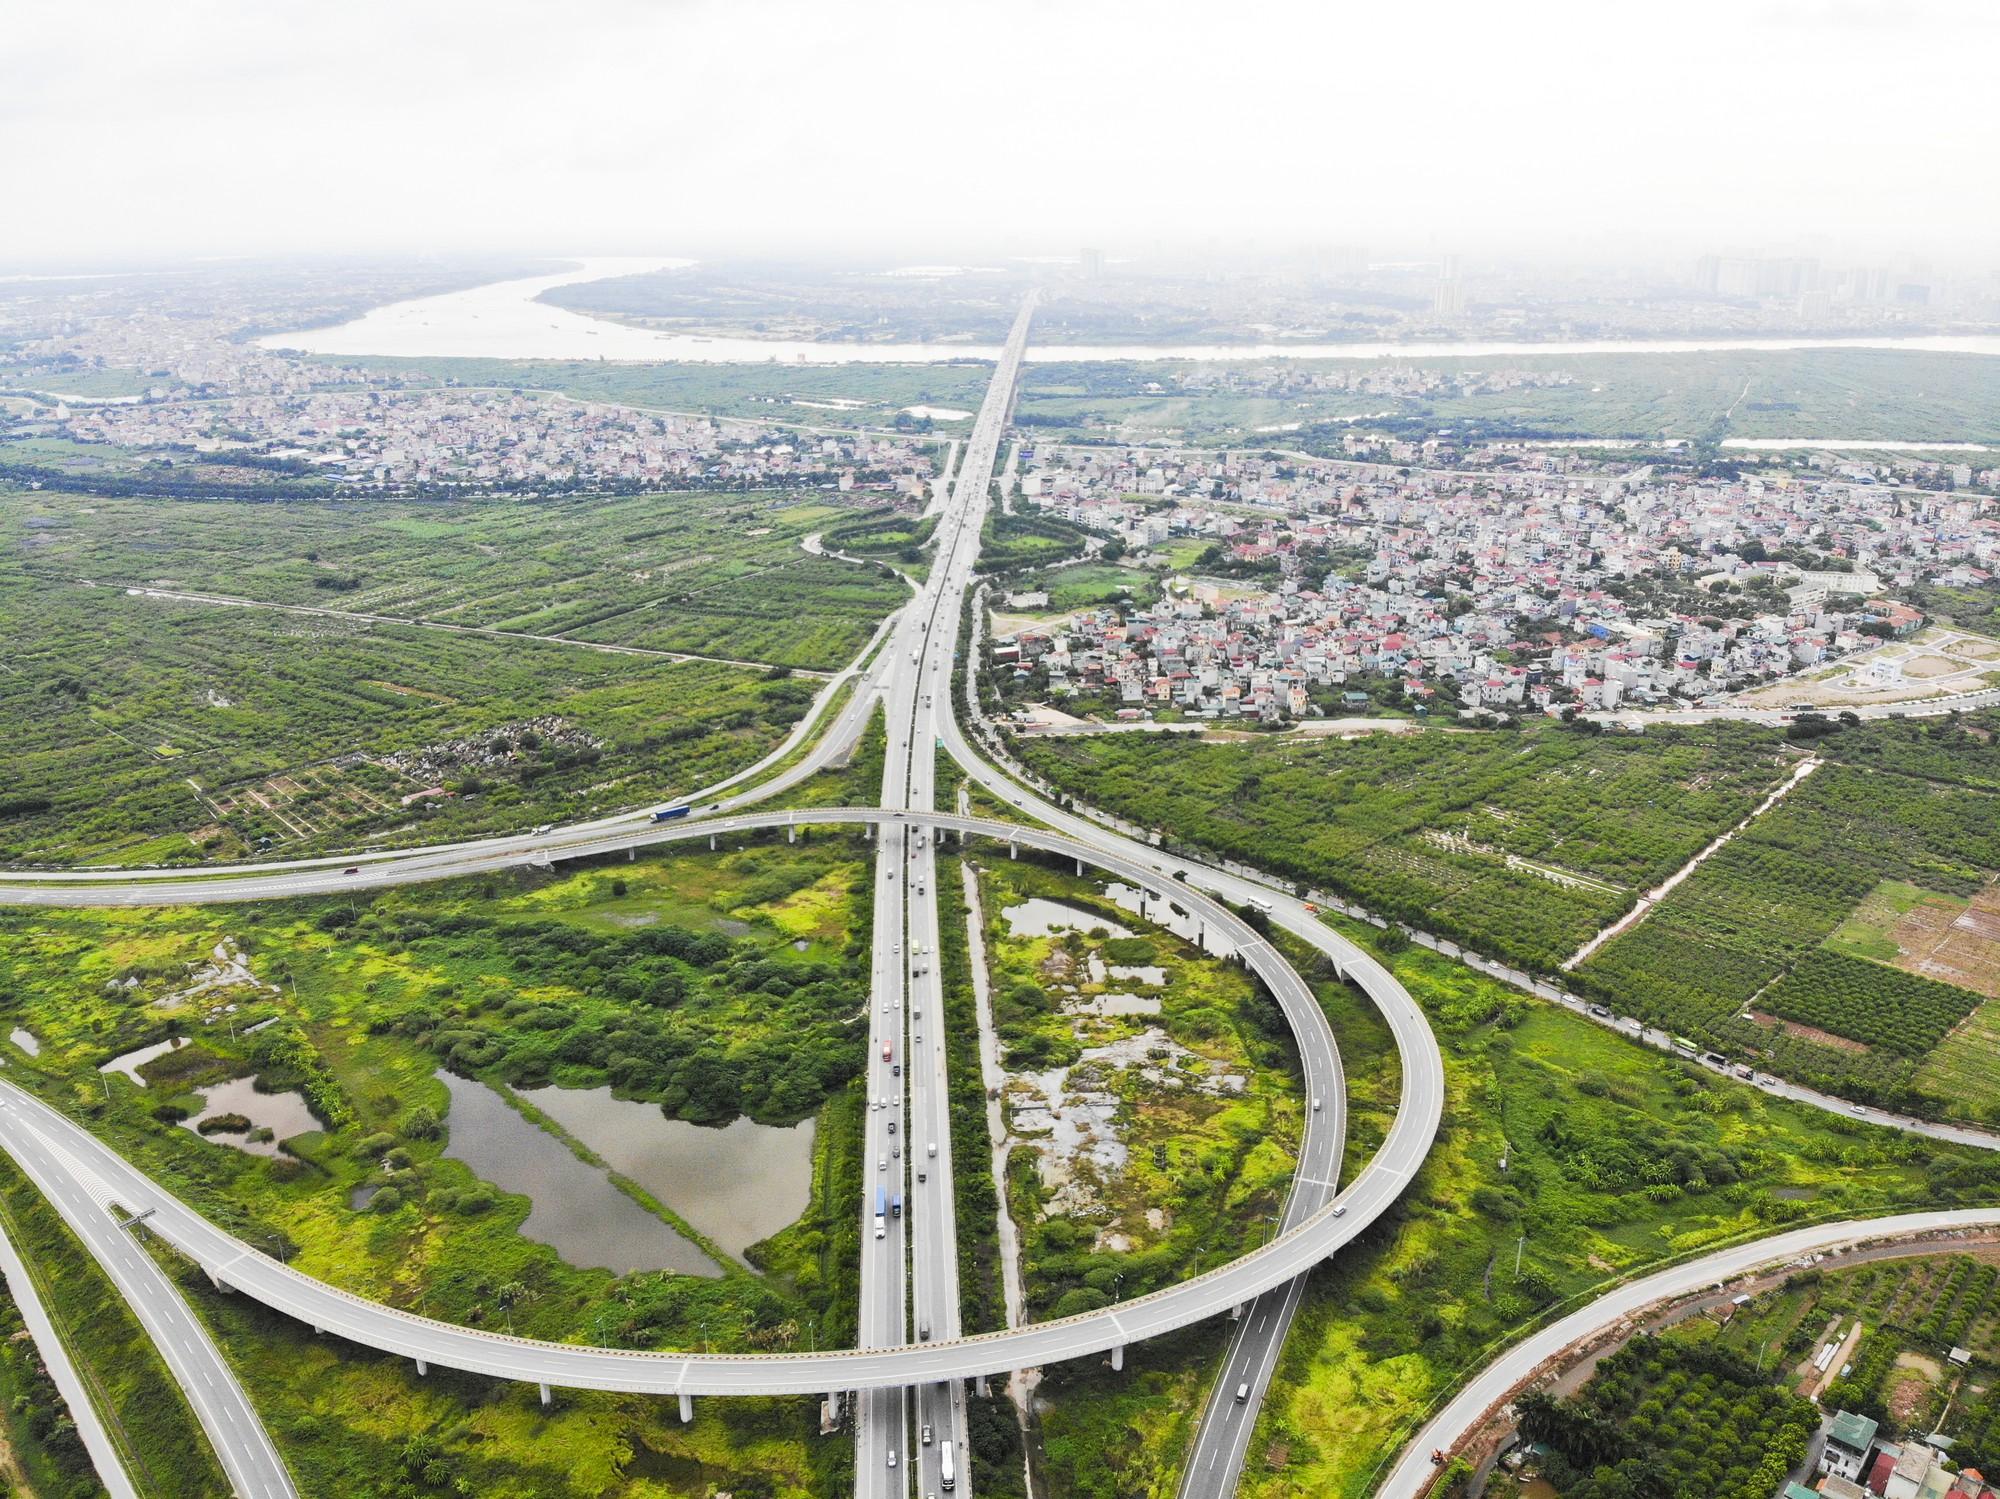 Những giao lộ khổng lồ thay đổi diện mạo cửa ngõ Thủ đô - Ảnh 5.